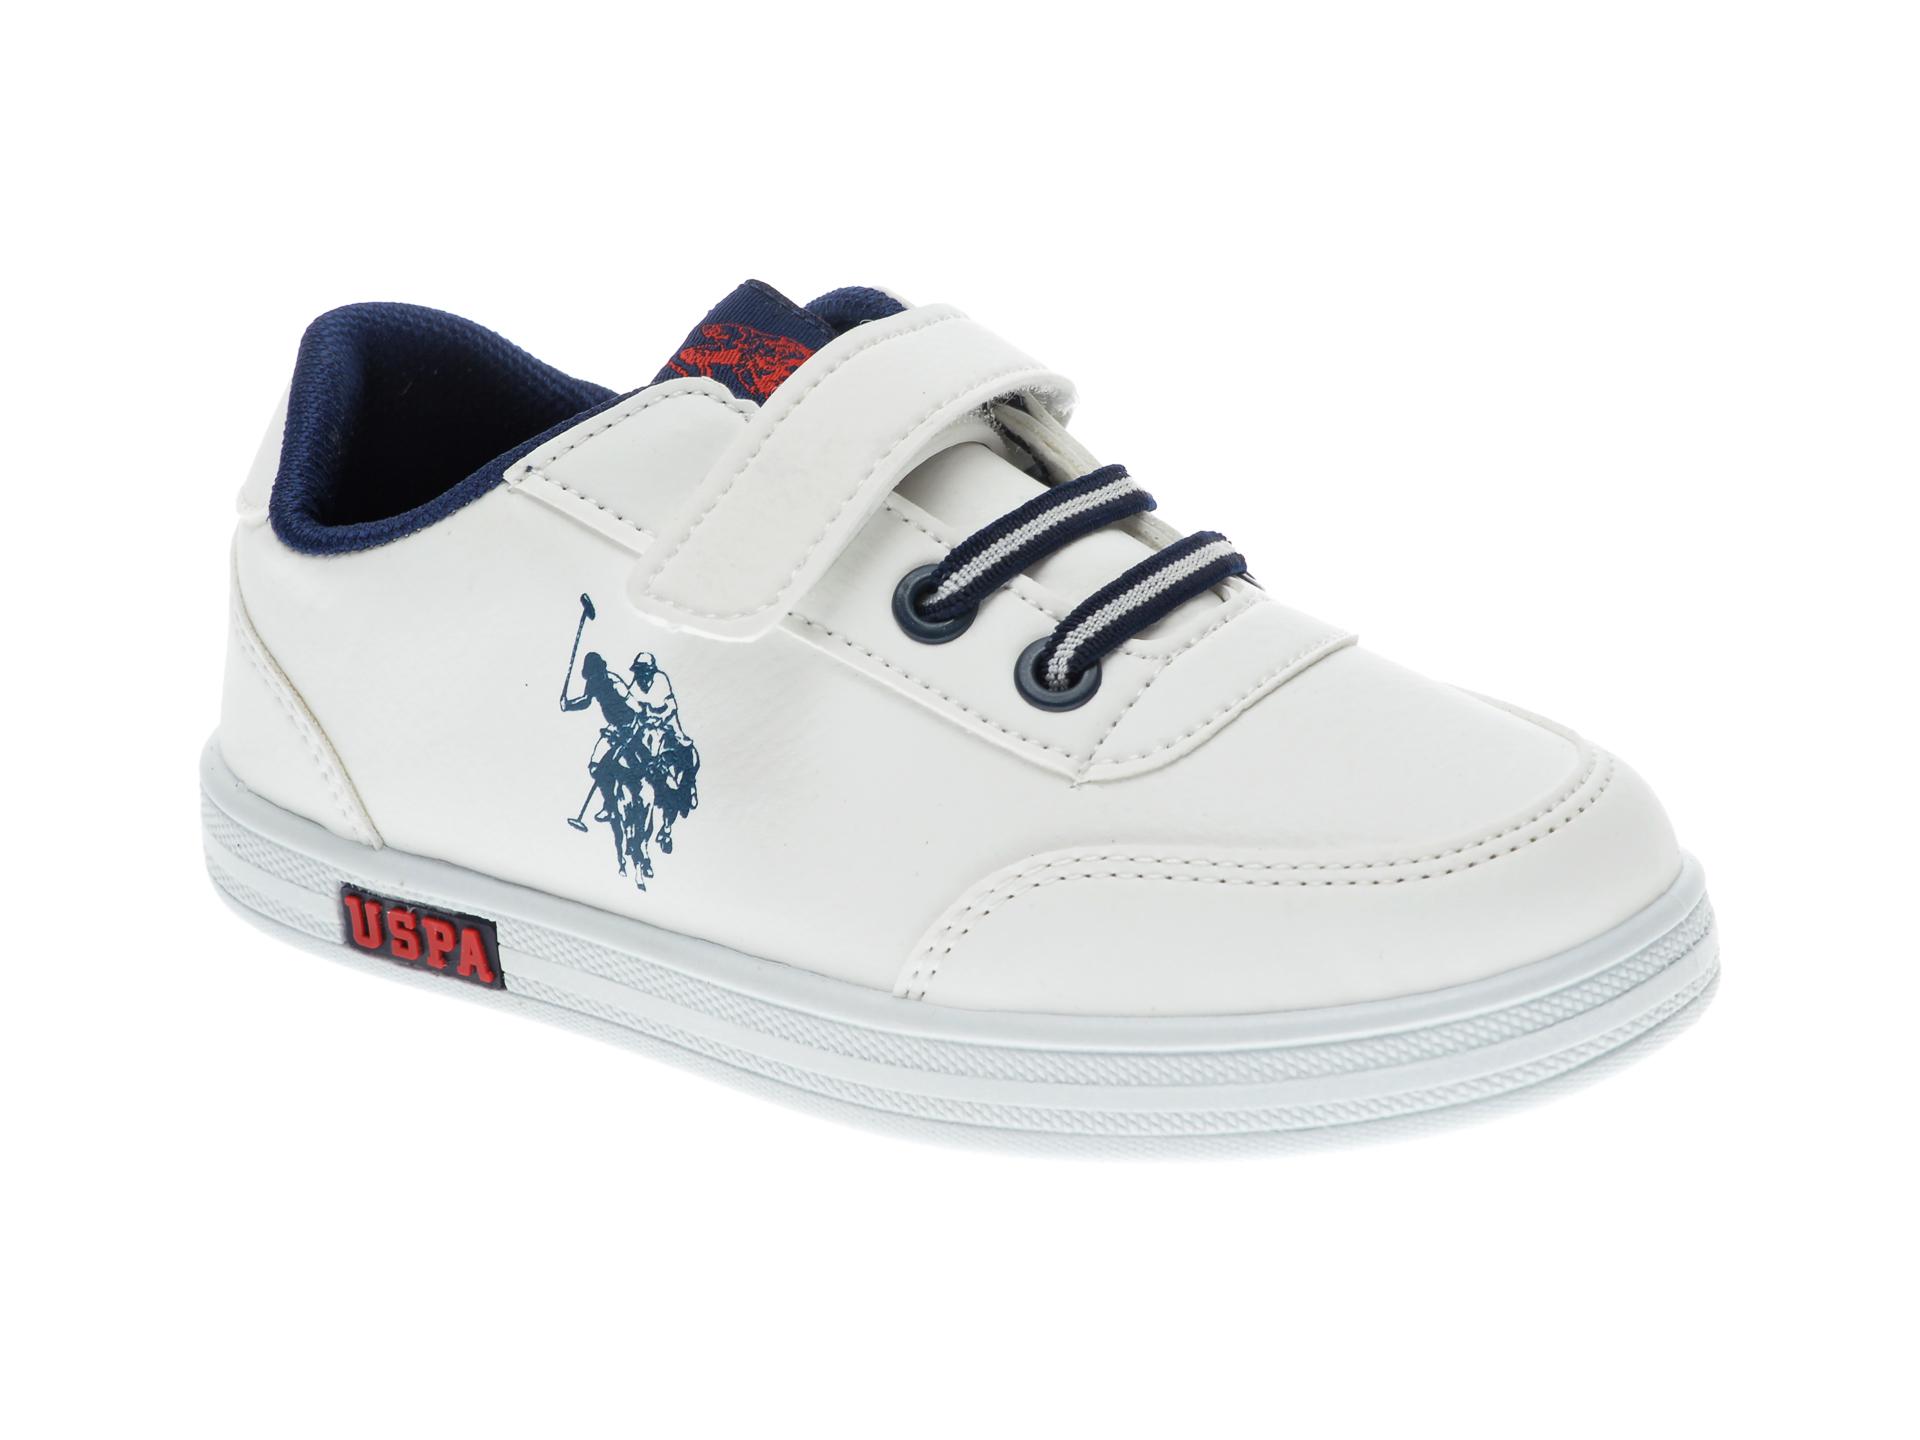 Pantofi Sport Us Polo Assn Albi, 429454, Din Piele Ecologica